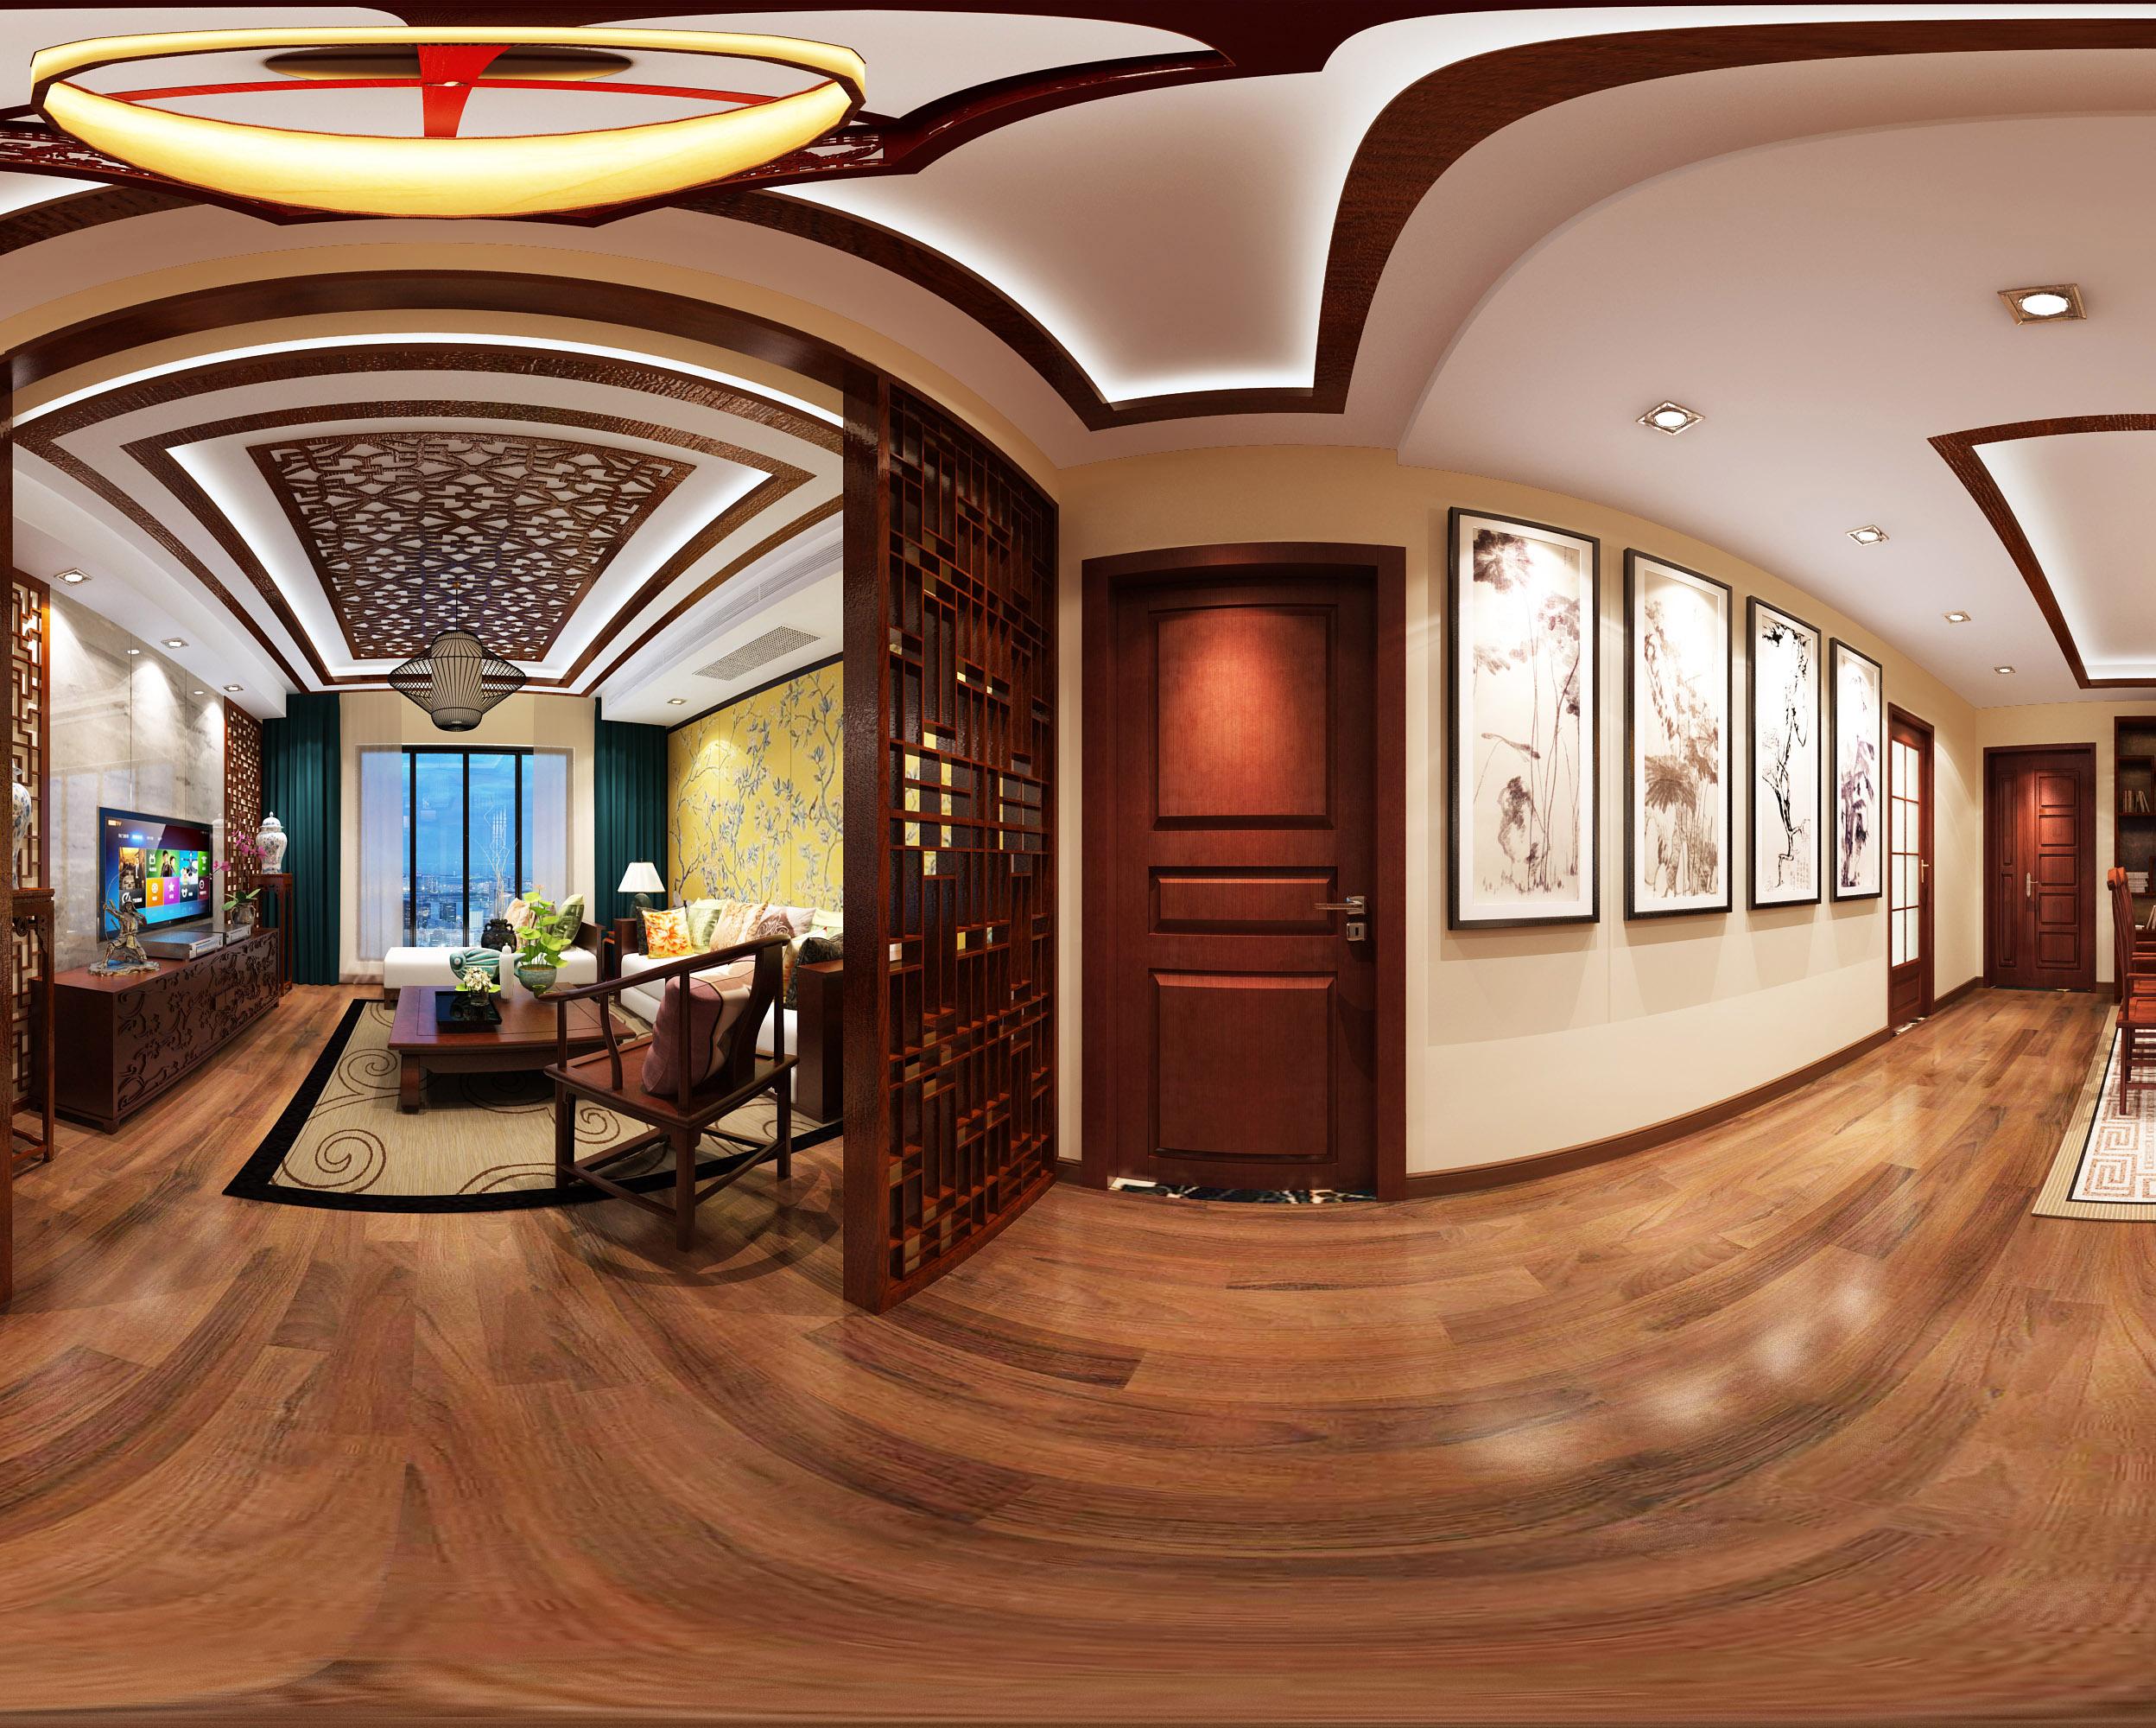 中式 风格 二居 客厅图片来自轻舟装饰-90后的华仔在融城-120平米-中式风格的分享